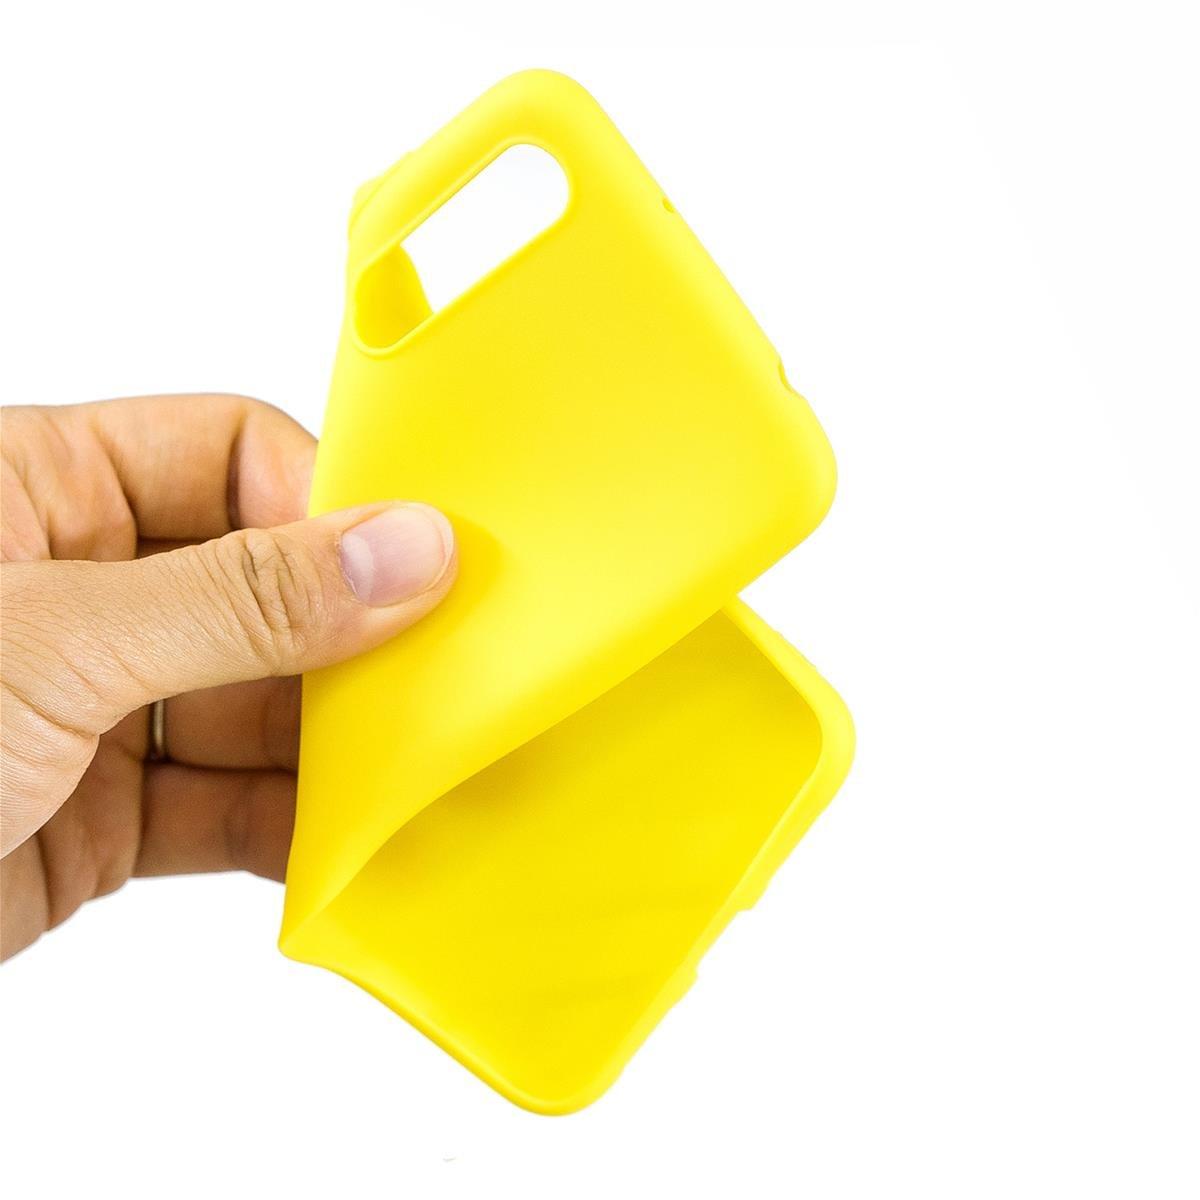 Lavanda Colore Puro Custodia Flessibile in Silicone TPU Caso Ultra Sottile Design Premium Custodia Protettiva Anti-graffio in plastica Anti-graffio Meeter Cover per Huawei P8 Lite 2017